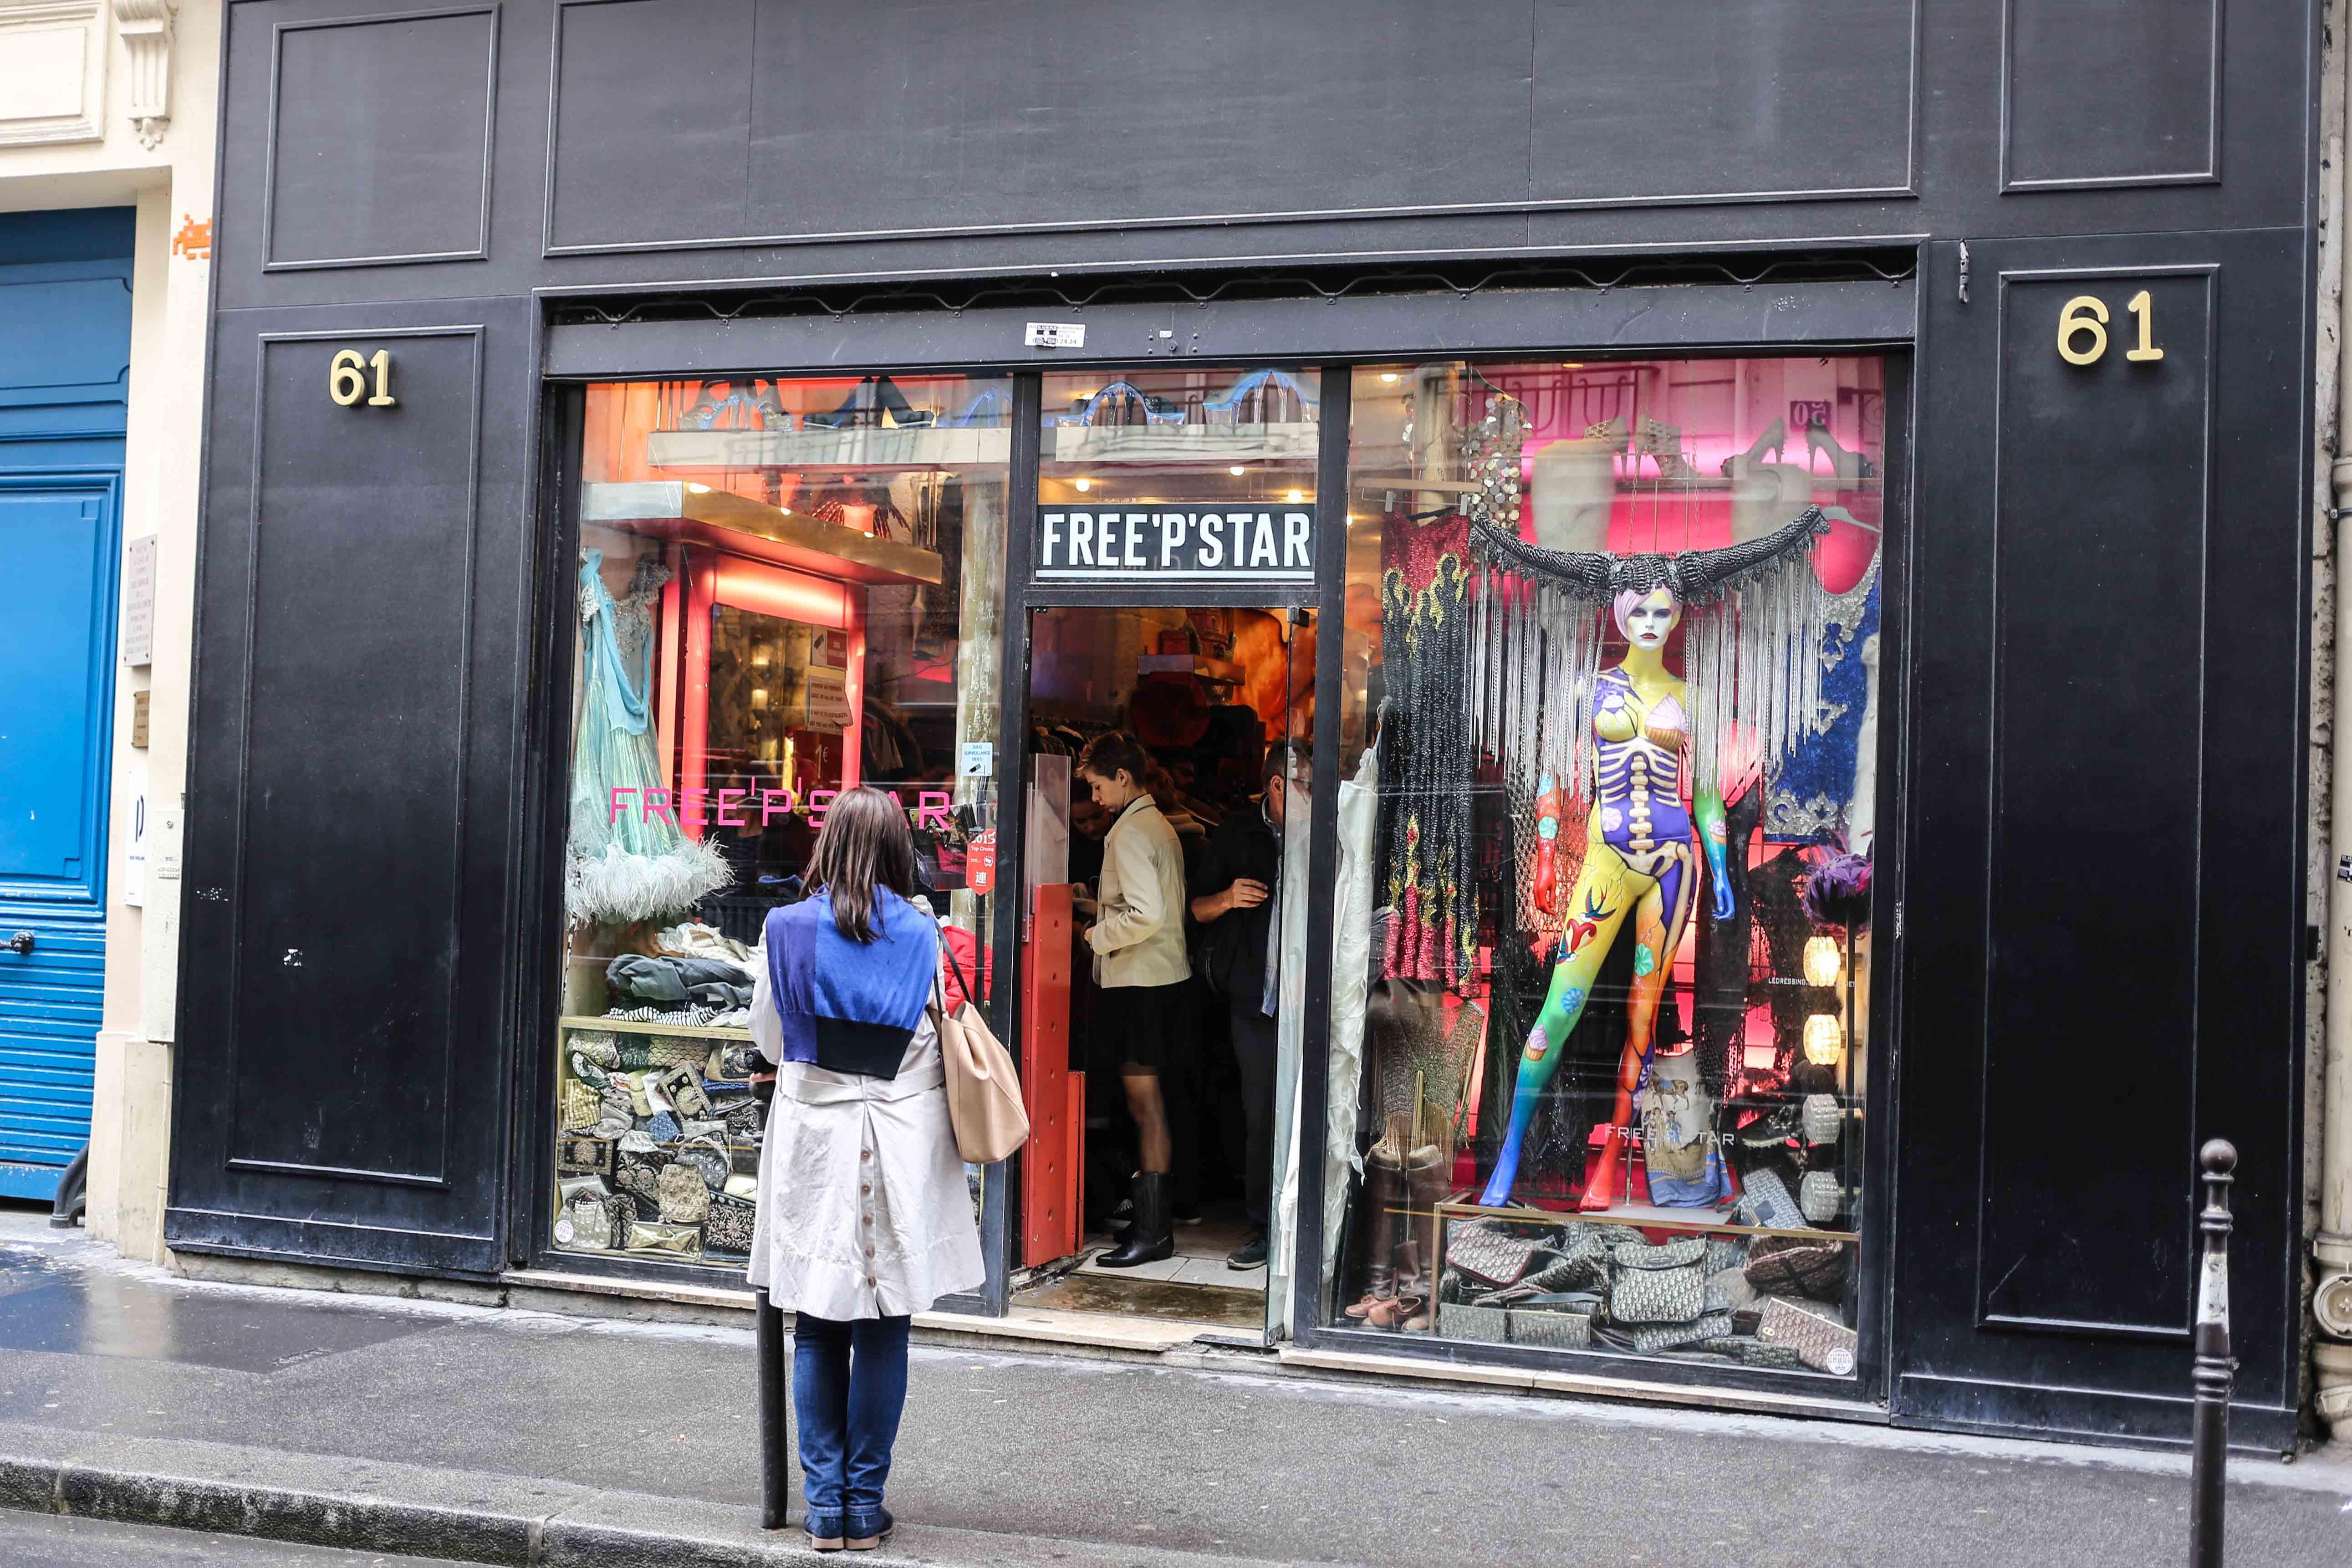 kurztrip-paris-7-tipps-stadt-der-liebe-frankreich-reiseblog-travelblog_0686